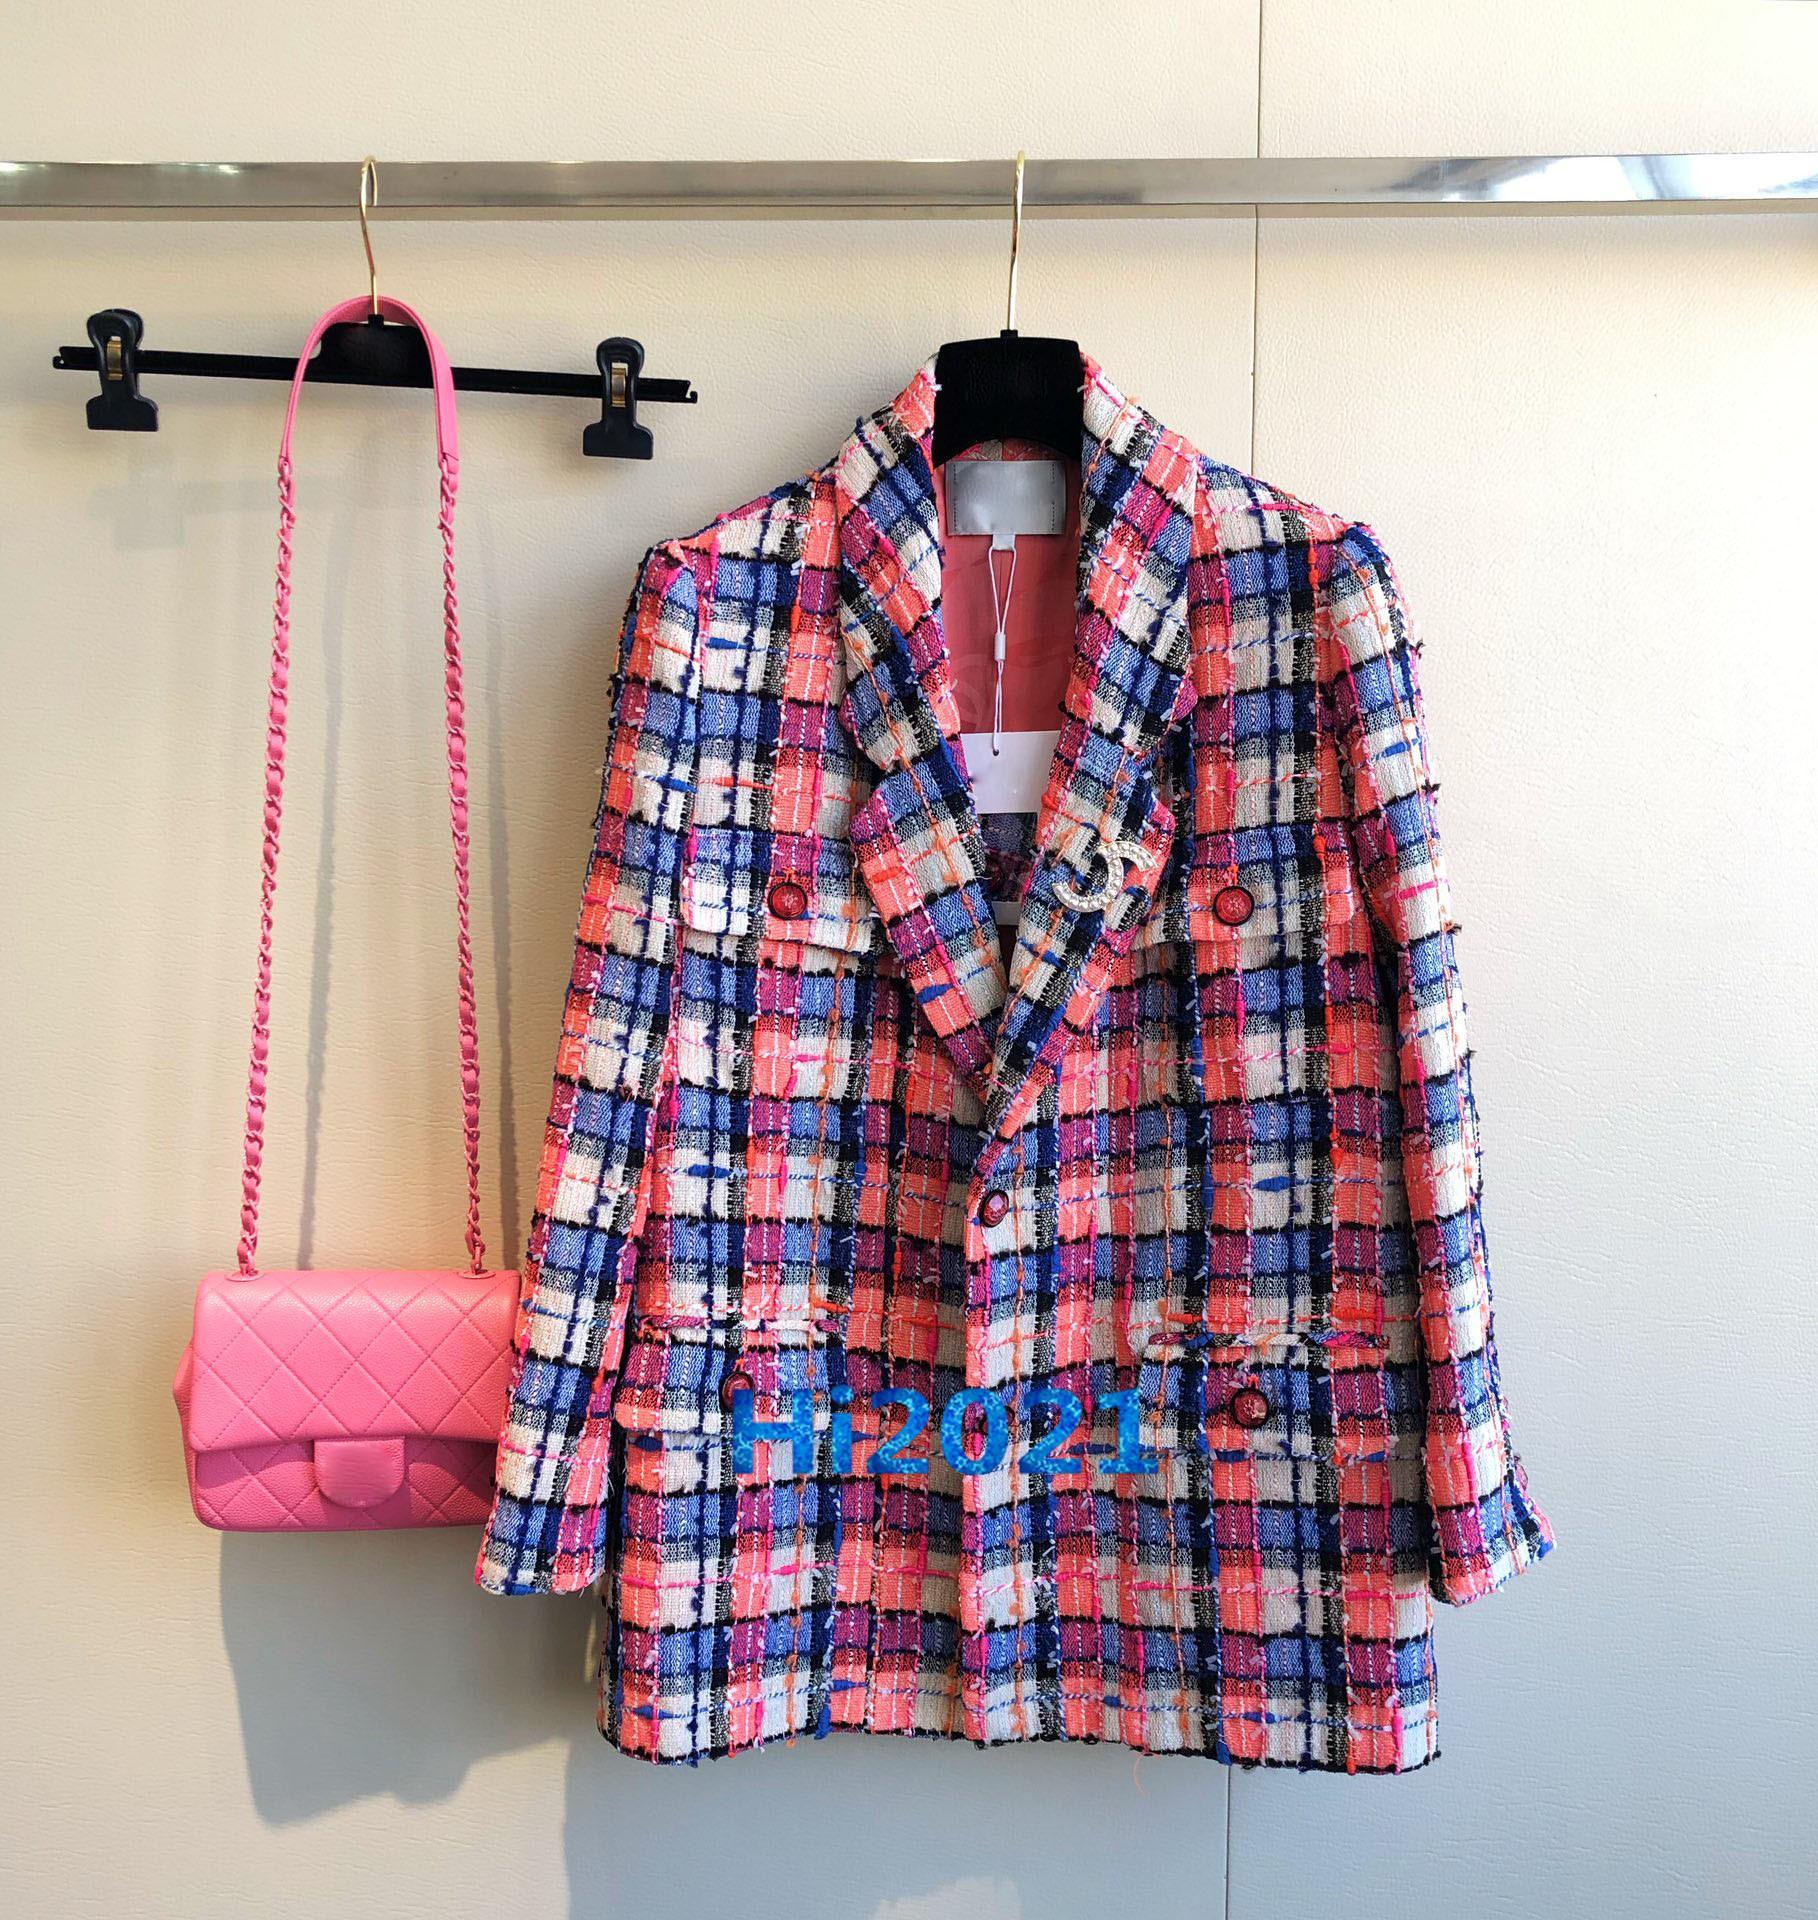 하이 엔드 만든 여성 상위 정장 코트 품질 덮여 컬러 체크 재킷 긴 소매 트렌치 착실히 보내다 패션 여성의 트위드 재킷 스위트 코트